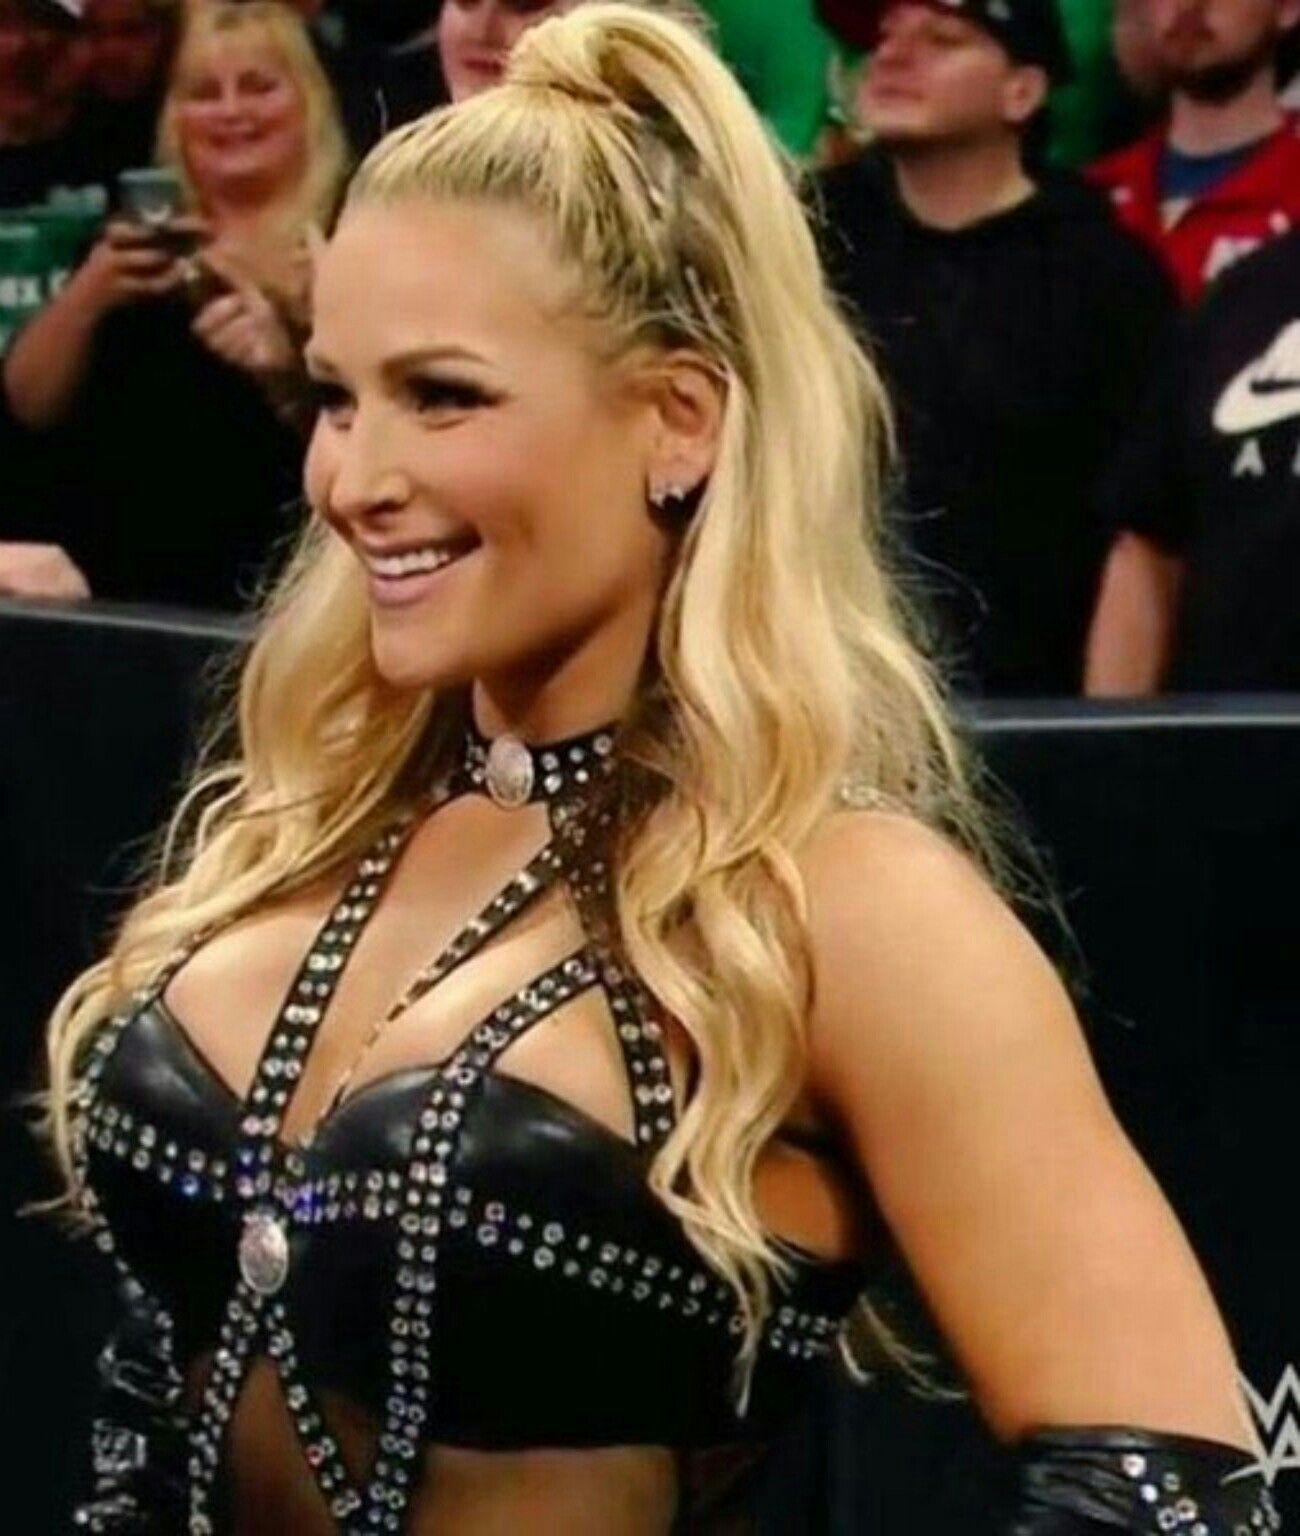 Natalya | Wwe female wrestlers, Wwe womens, Female wrestlers